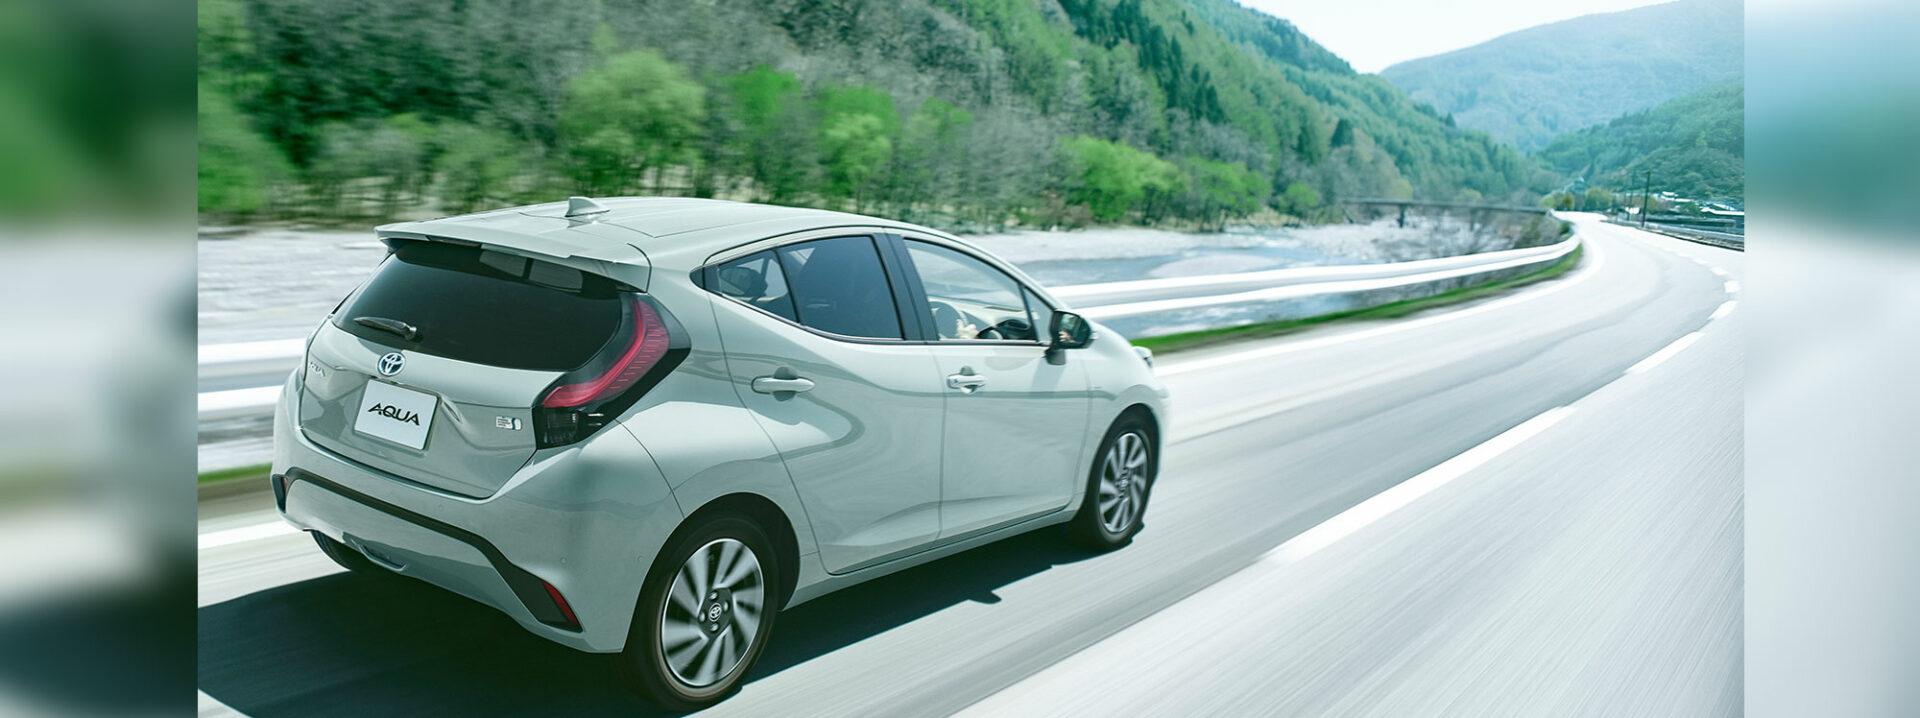 La nueva versión híbrida de Toyota Aqua